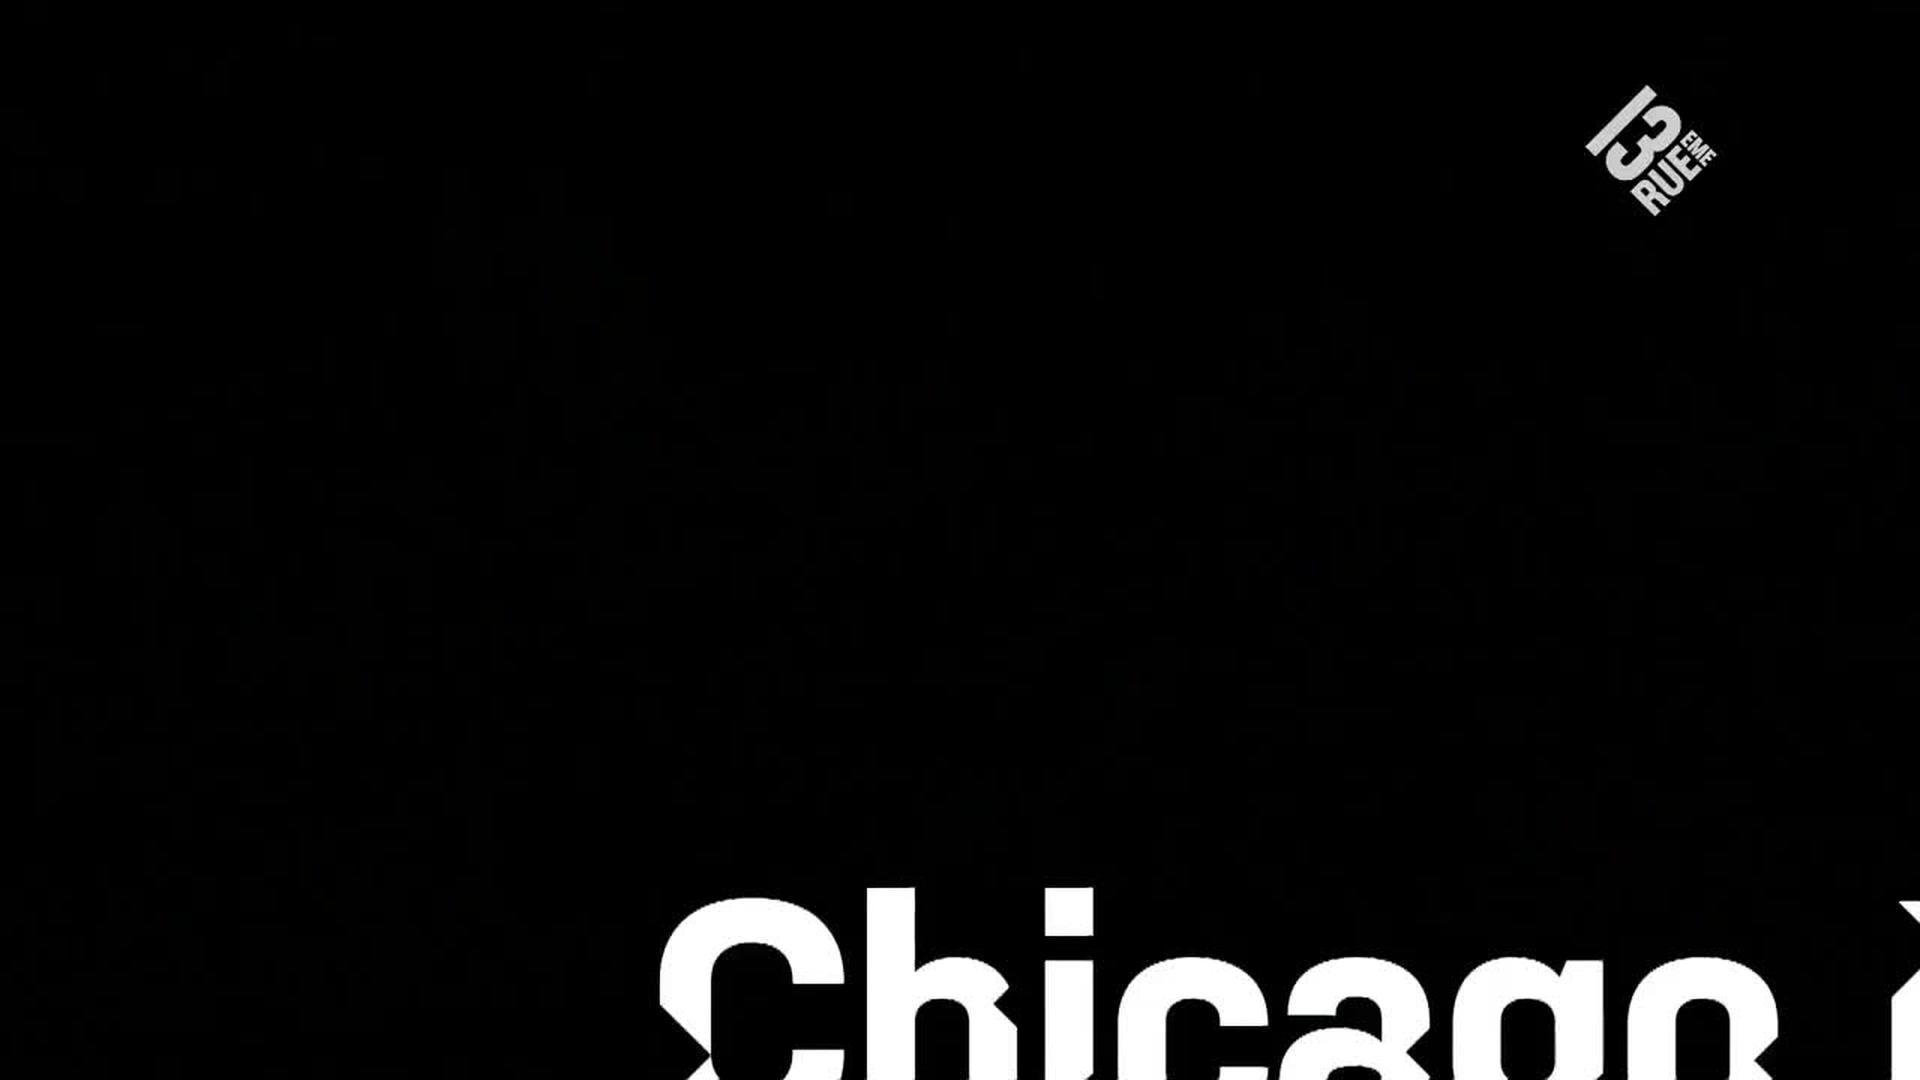 Chicago Fire : Dos au mur